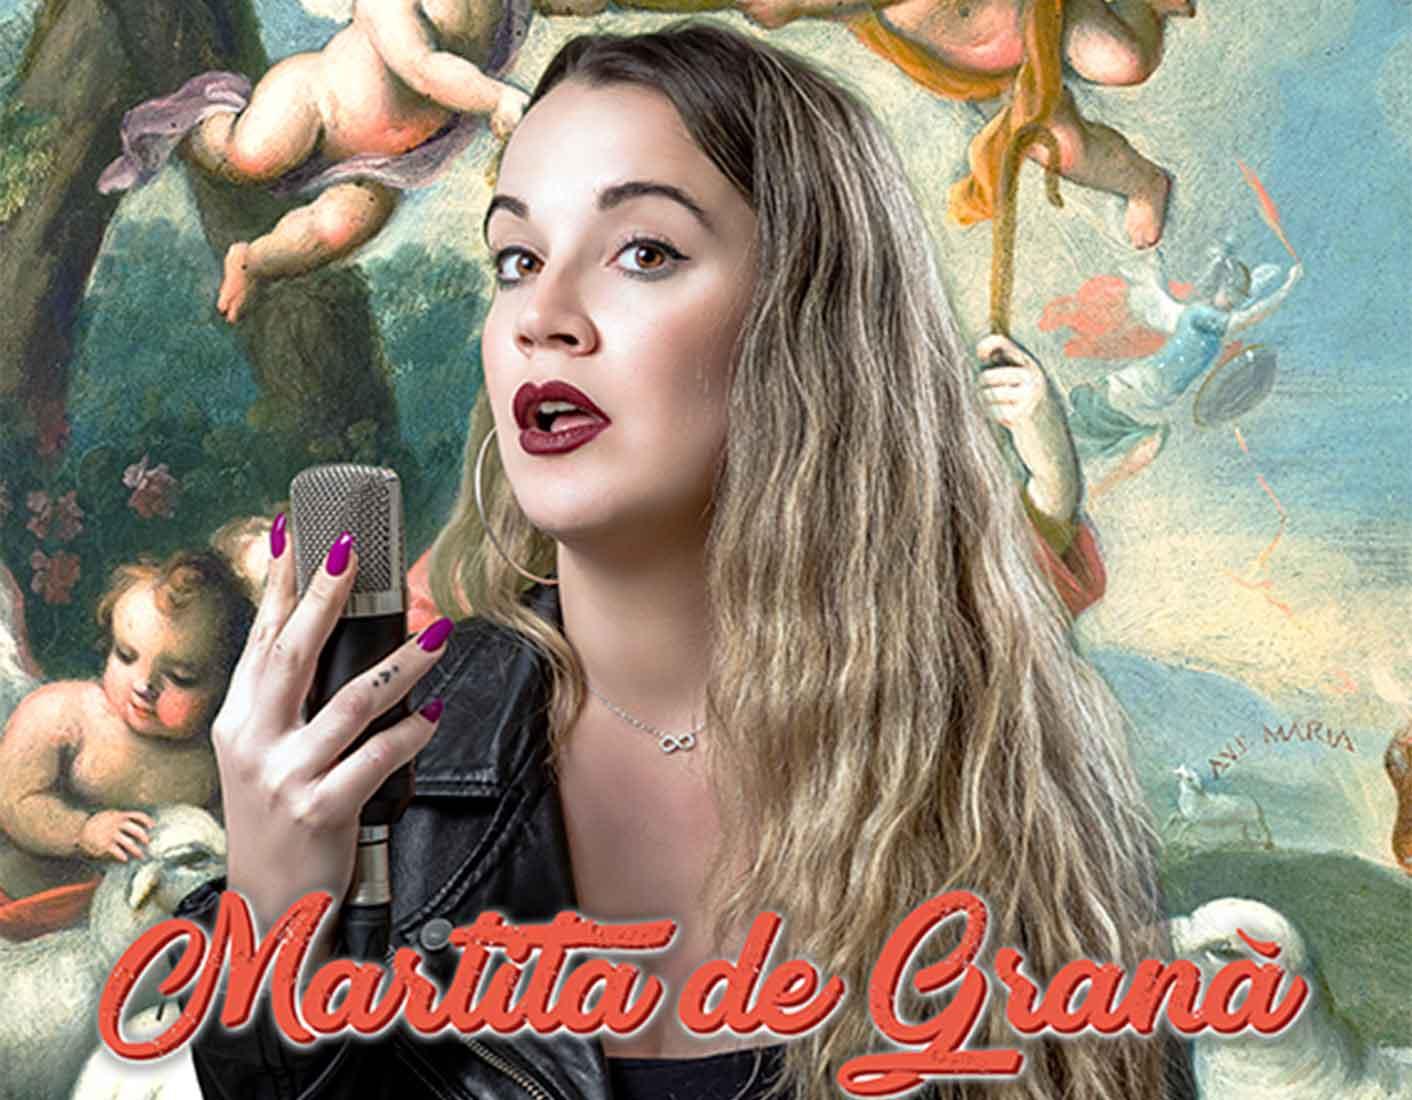 martita-de-grana-en-cordoba-5e1f3619d2b6f.jpeg